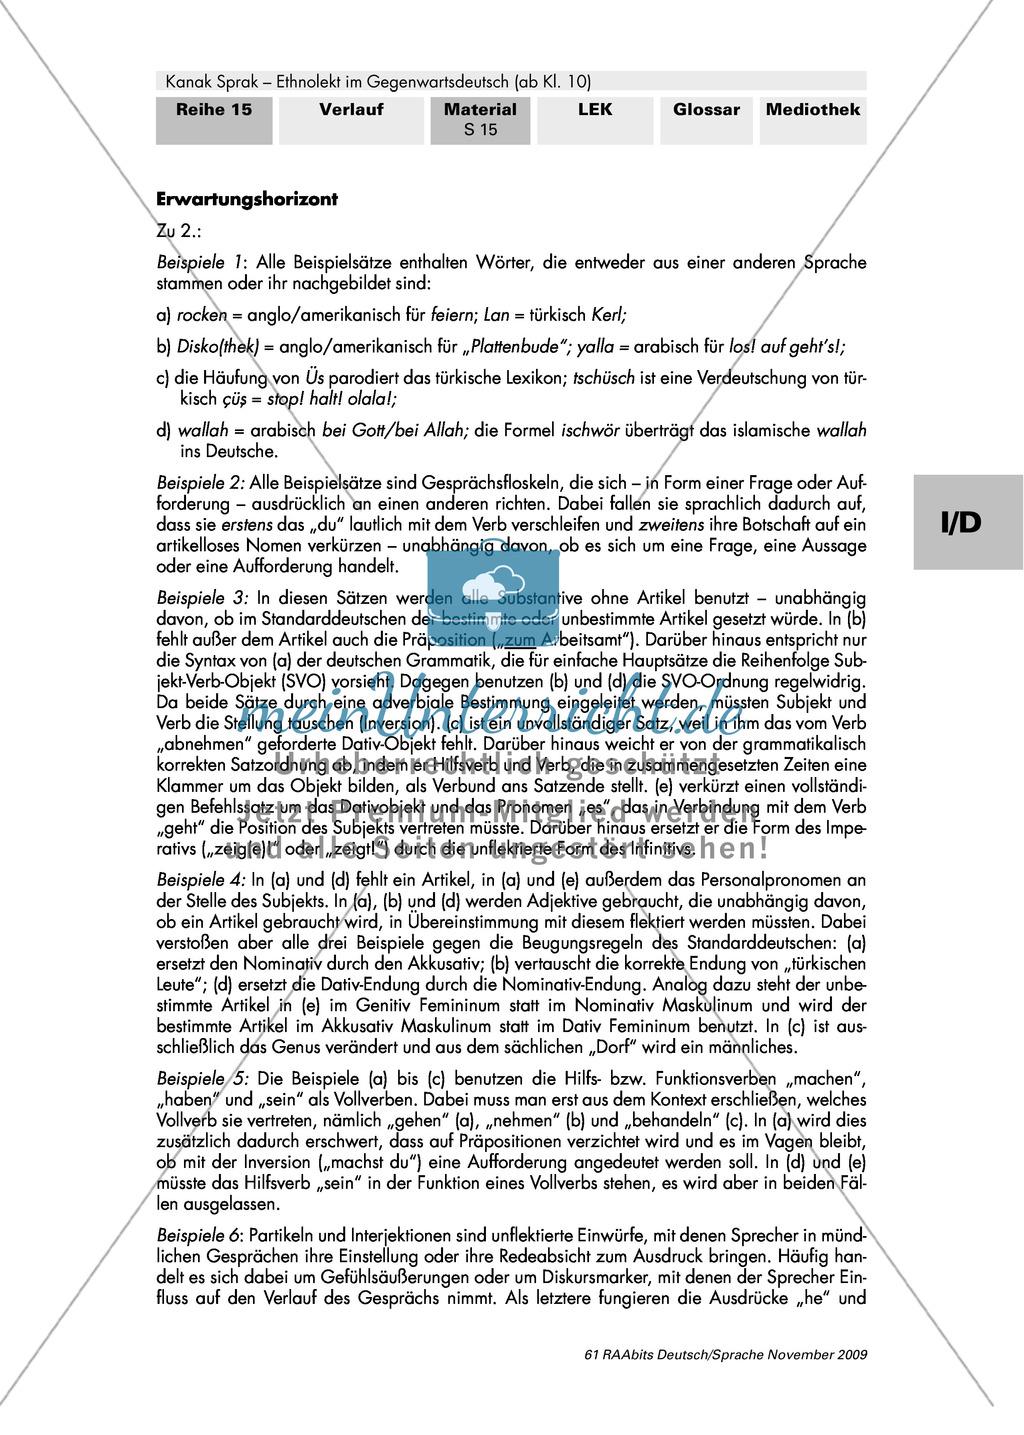 Importe, Verkürzungen, Abweichungen - Ethnolekt Preview 2